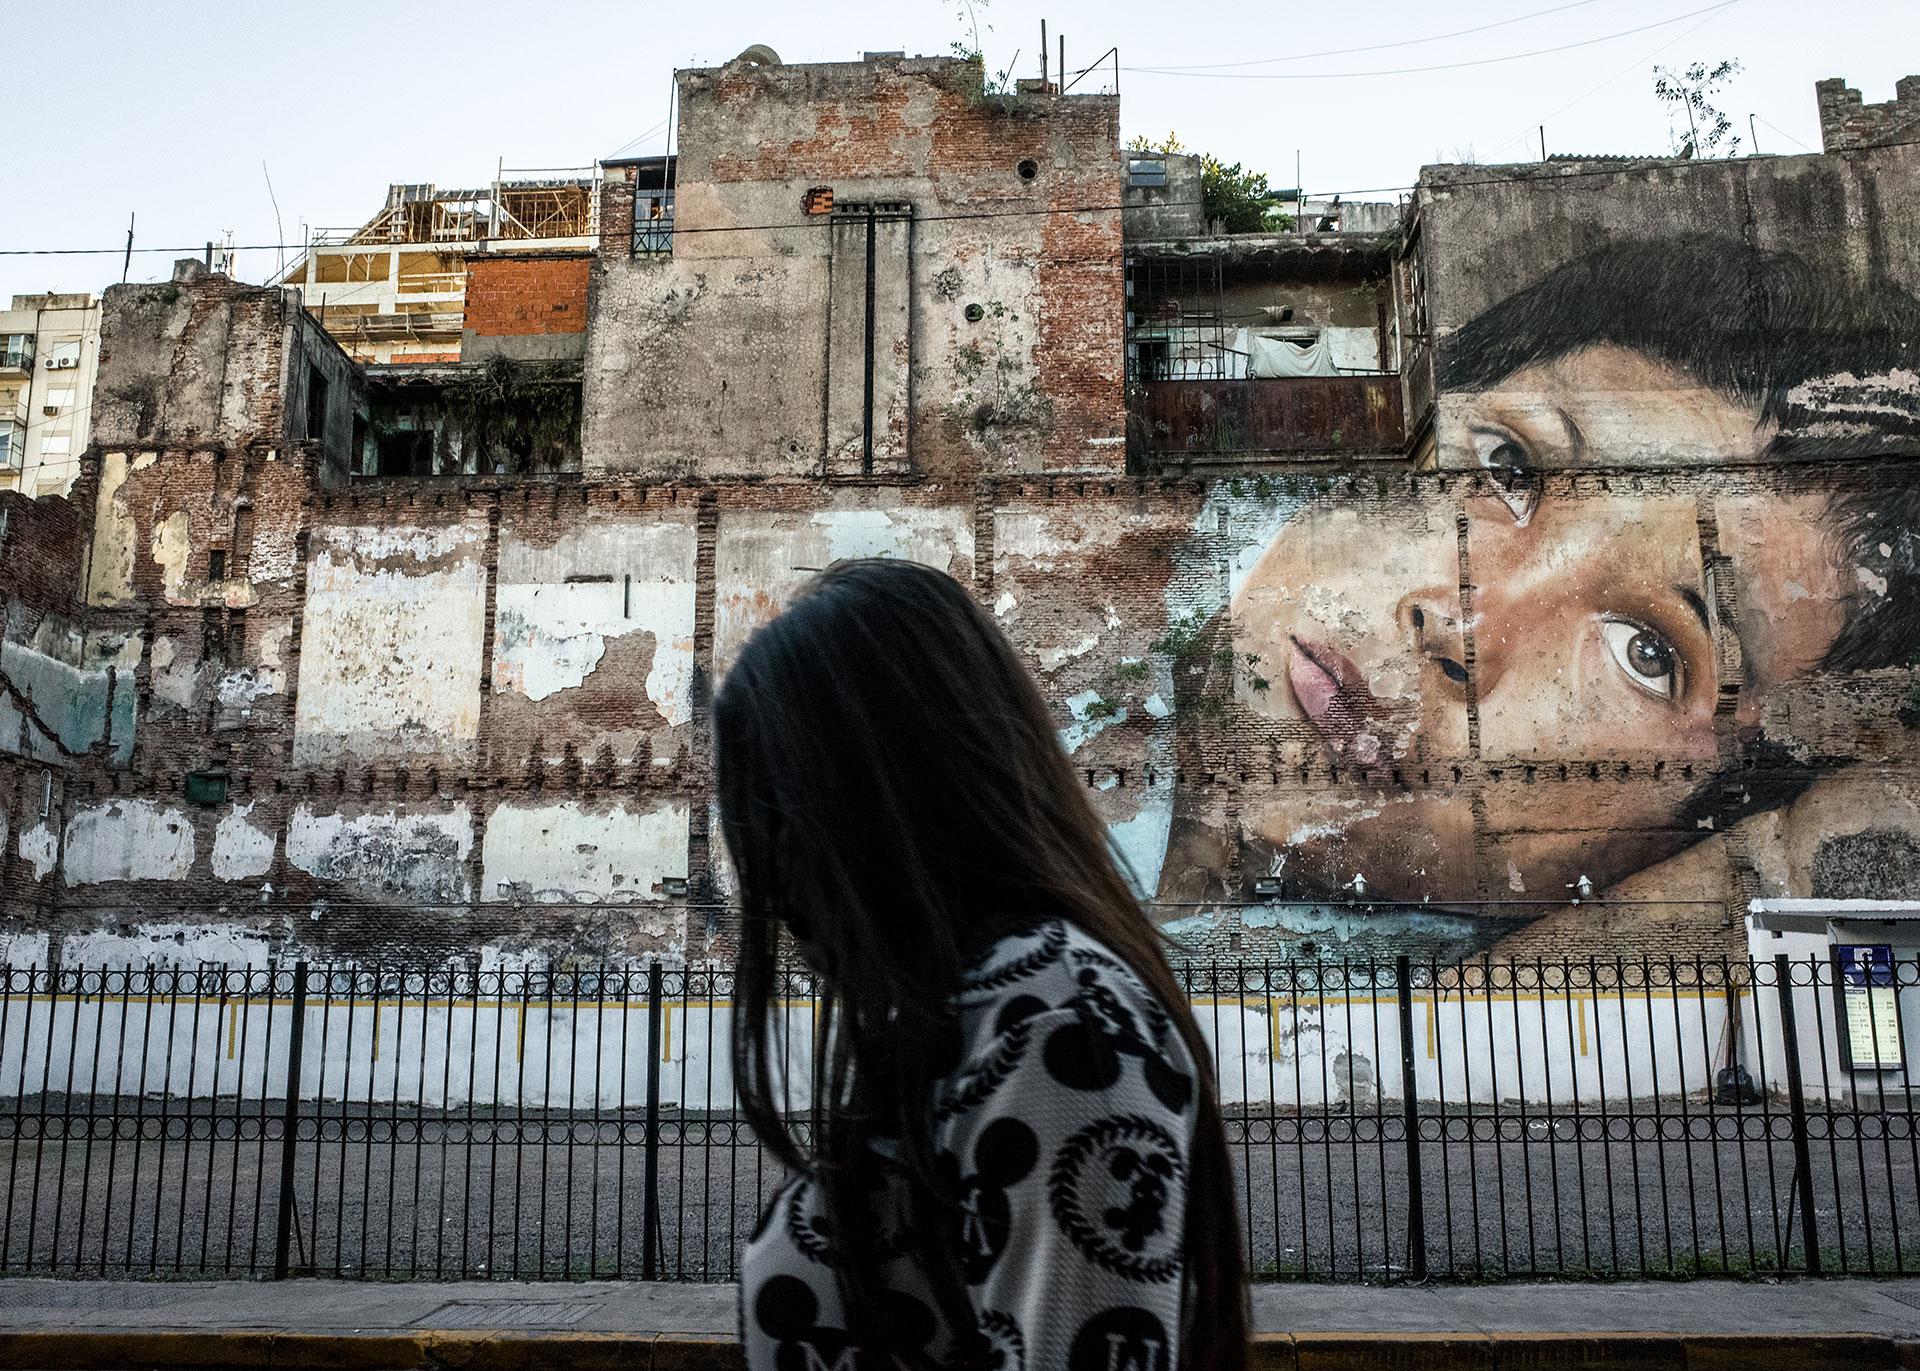 Buenos Aires. Una mujer camina en una calle del centro con un gran mural al fondo. Toda la ciudad está llena de paredes pintadas, a veces edificios enteros o calles. A menudo estas pinturas son políticas, muchas están en contra de la violencia de género, la injusticia y las personas desaparecidas.